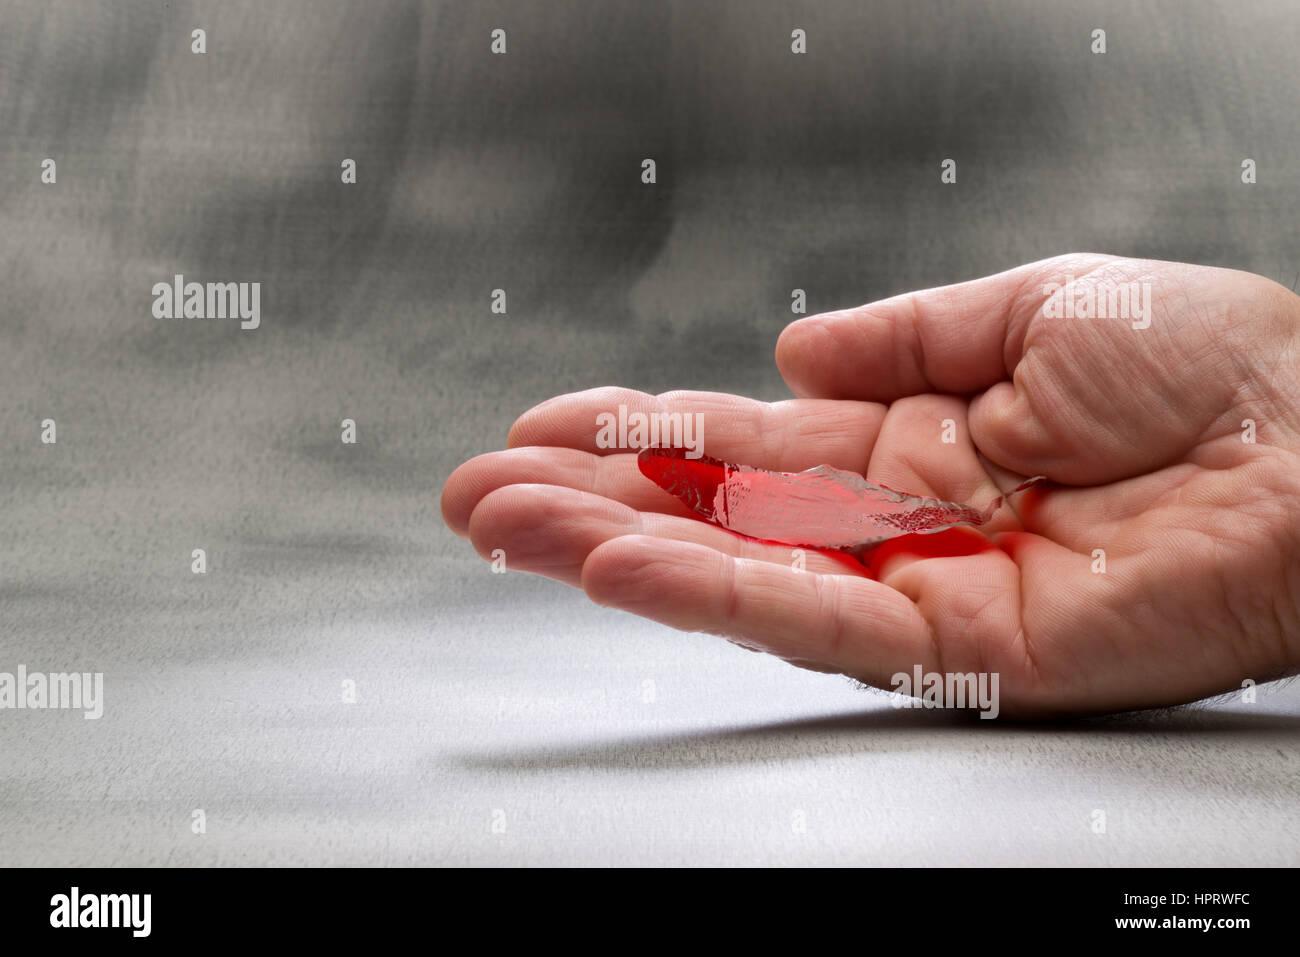 Adivinación peces. Coloque en la palma de la mano y reaccionará de diferentes maneras, dependiendo de Imagen De Stock